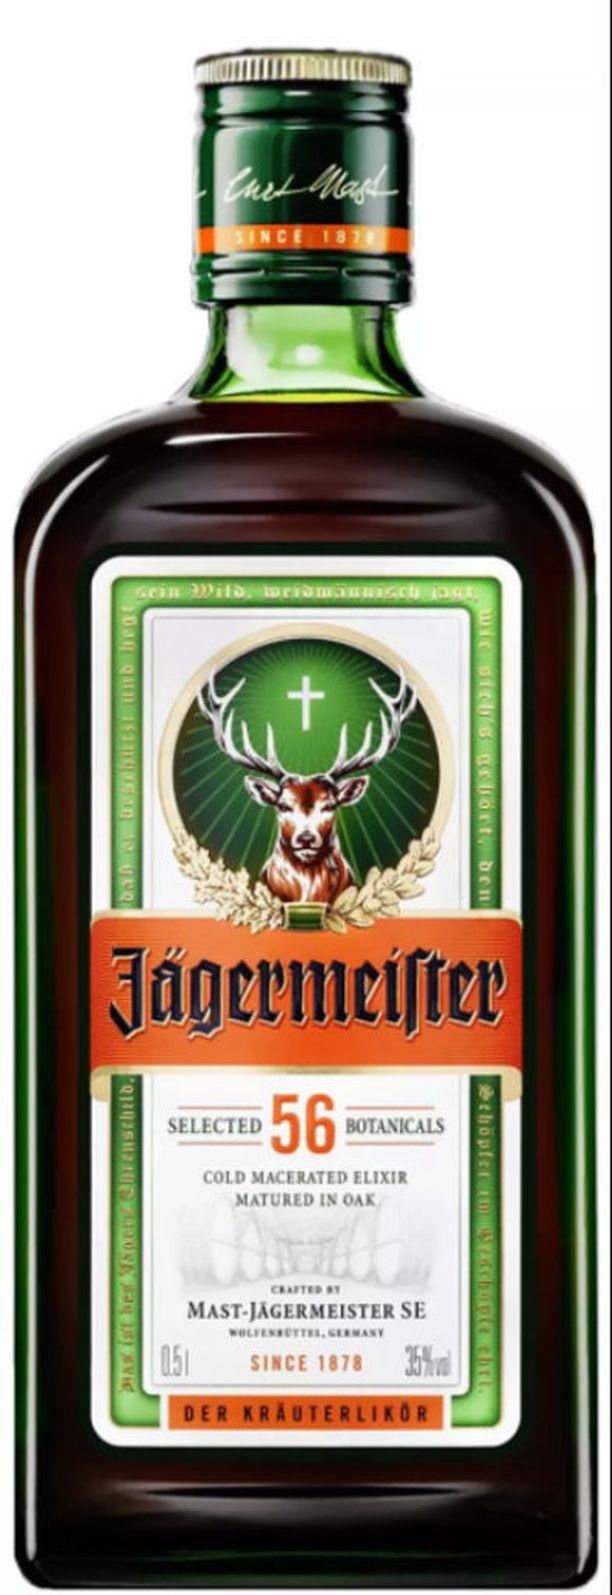 Jägermeister minipullossa maksaa Alkossa 2,99 euroa, mikä tekee litrahinnaksi 74,75 euroa. Jos juoman ostaa 0,5 litran pullossa, pullon hinta on 19.99 euroa ja litrahinta on 39,78.